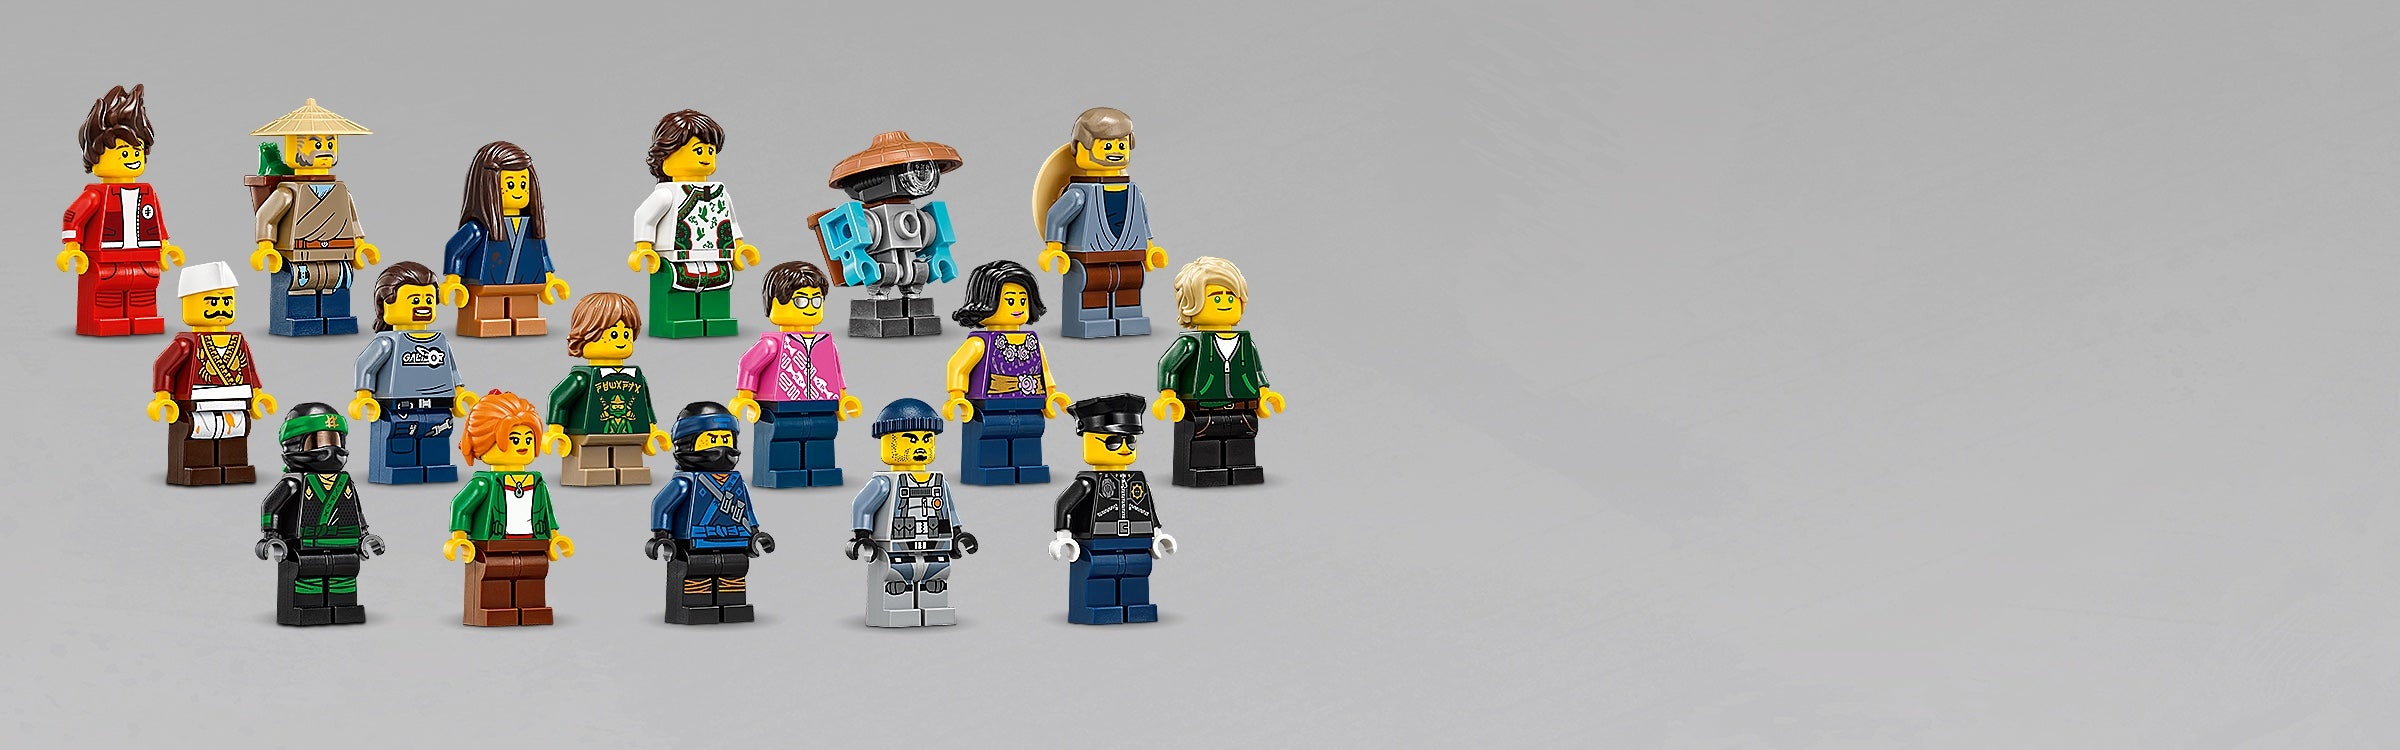 LEGO Catalog Minifigs Figurine Train Choose Model